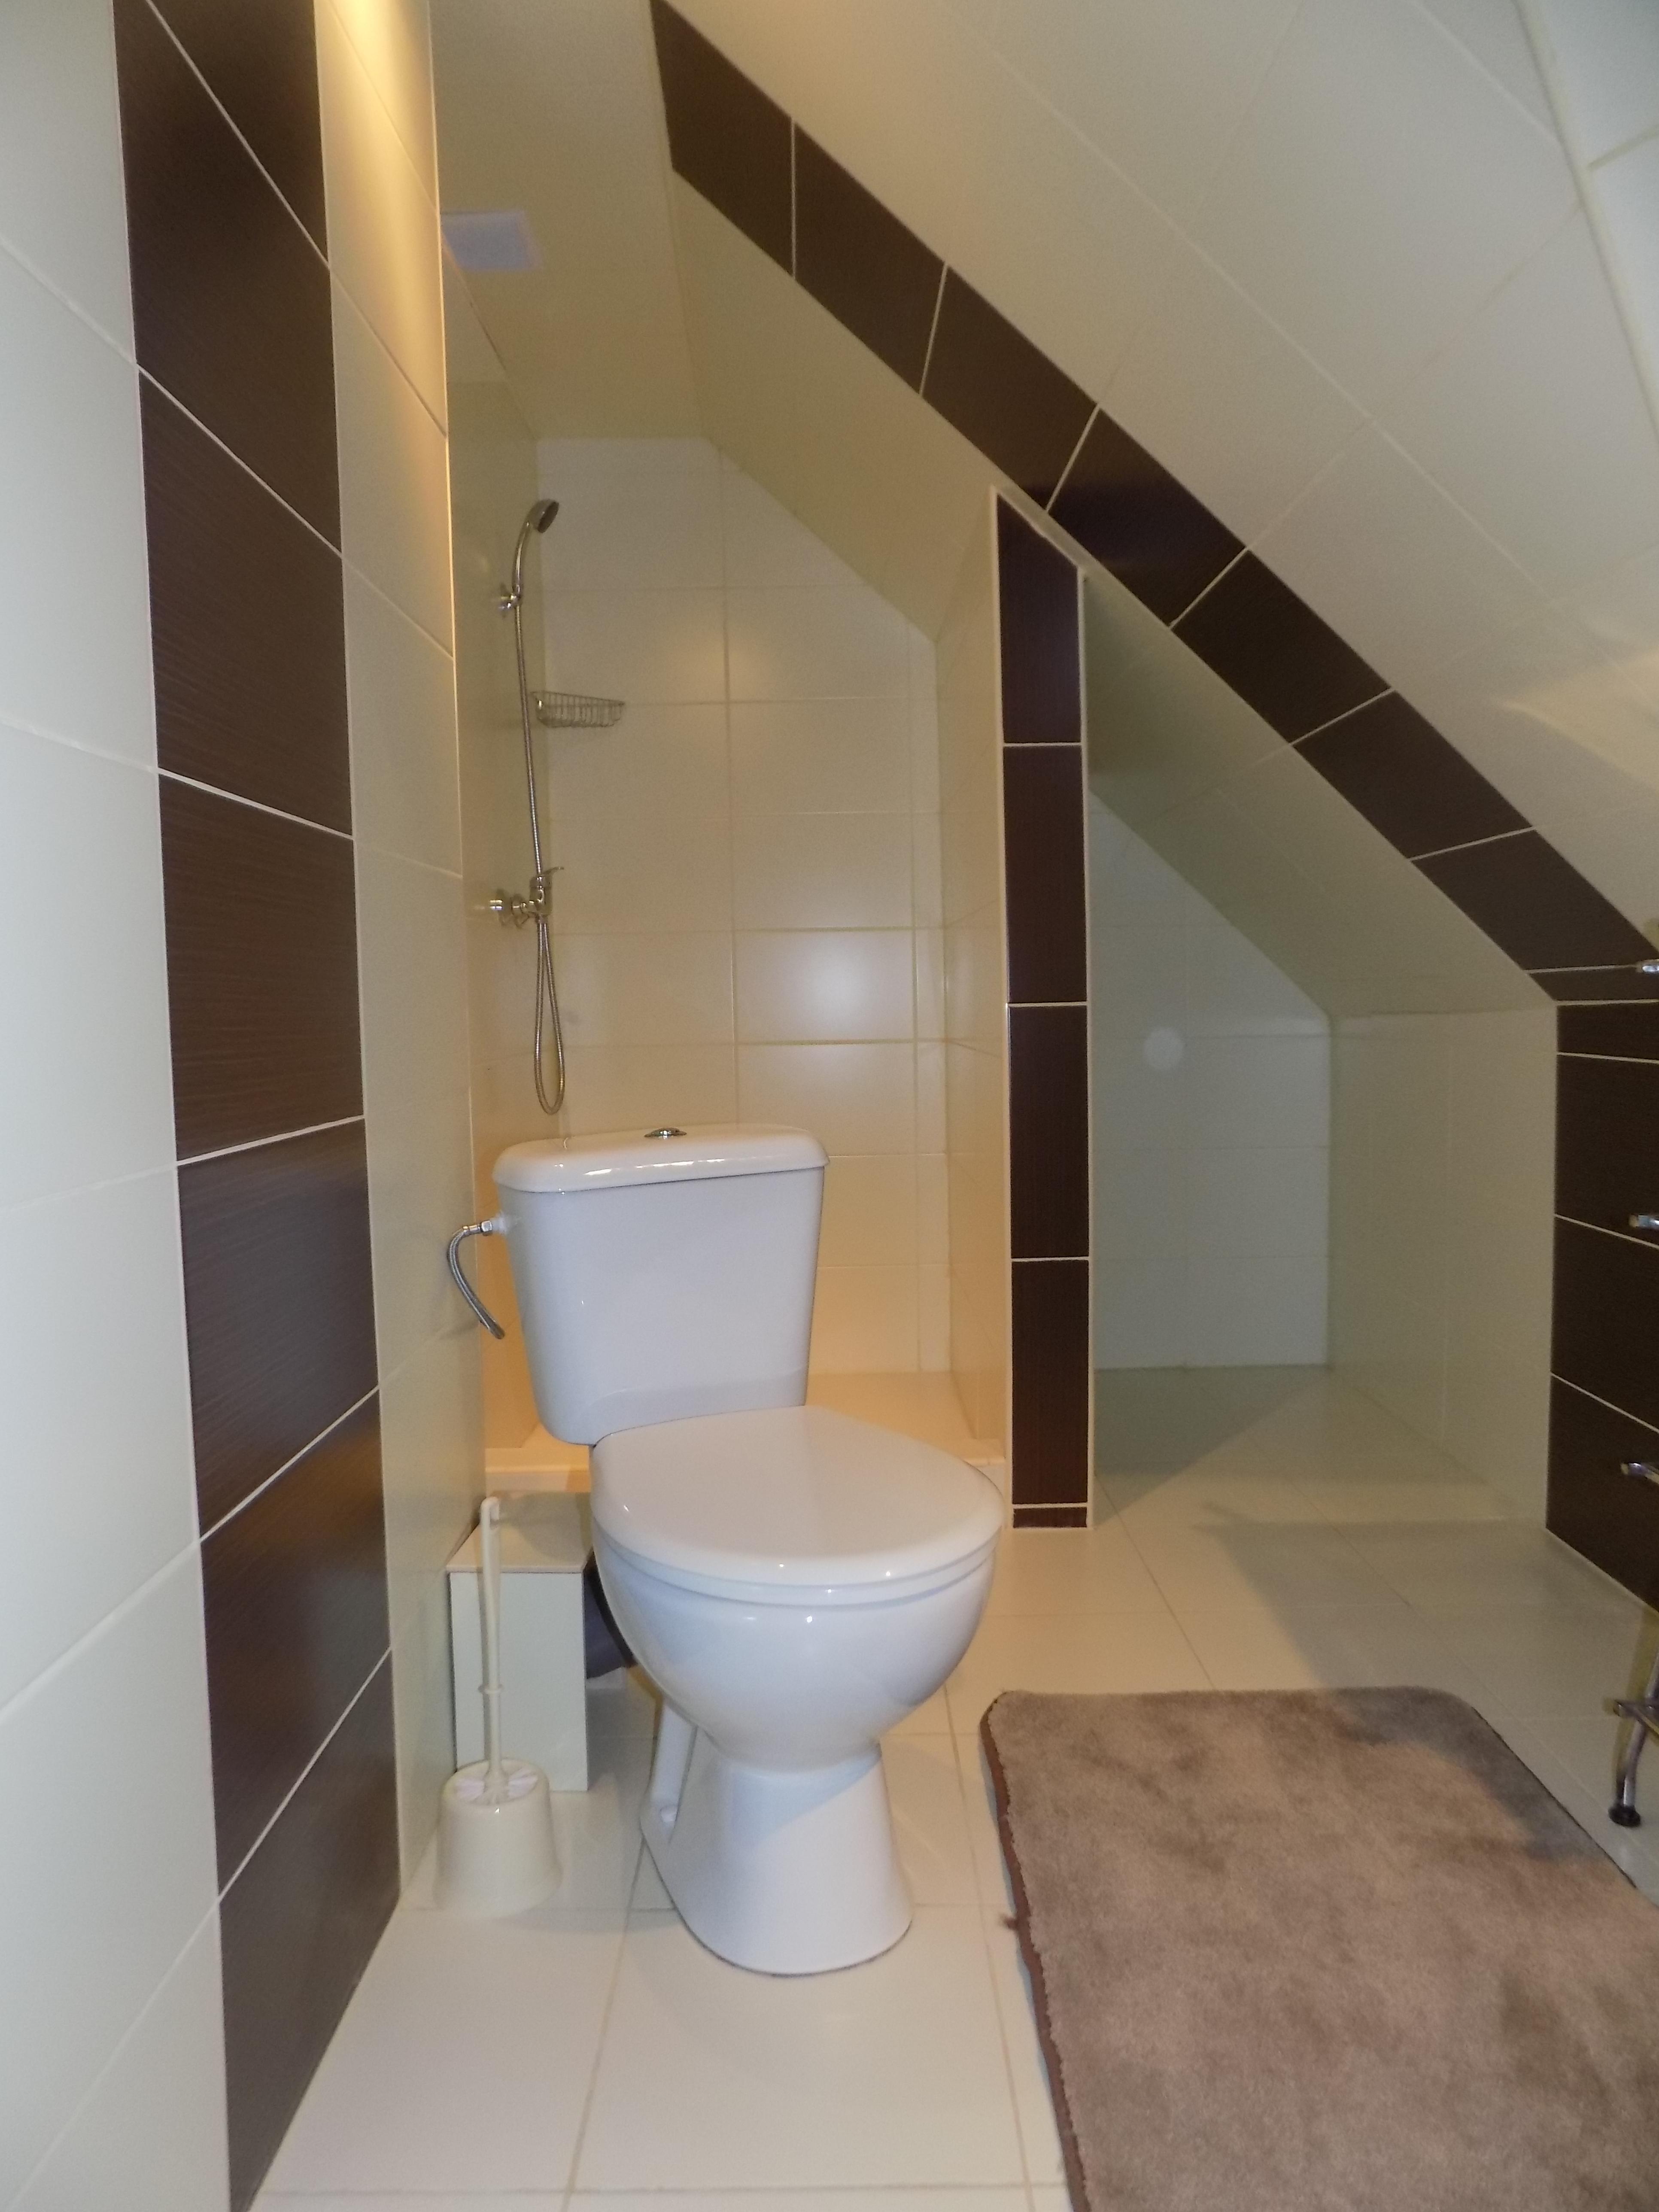 łazienka-w-pokoju-4-osobowym